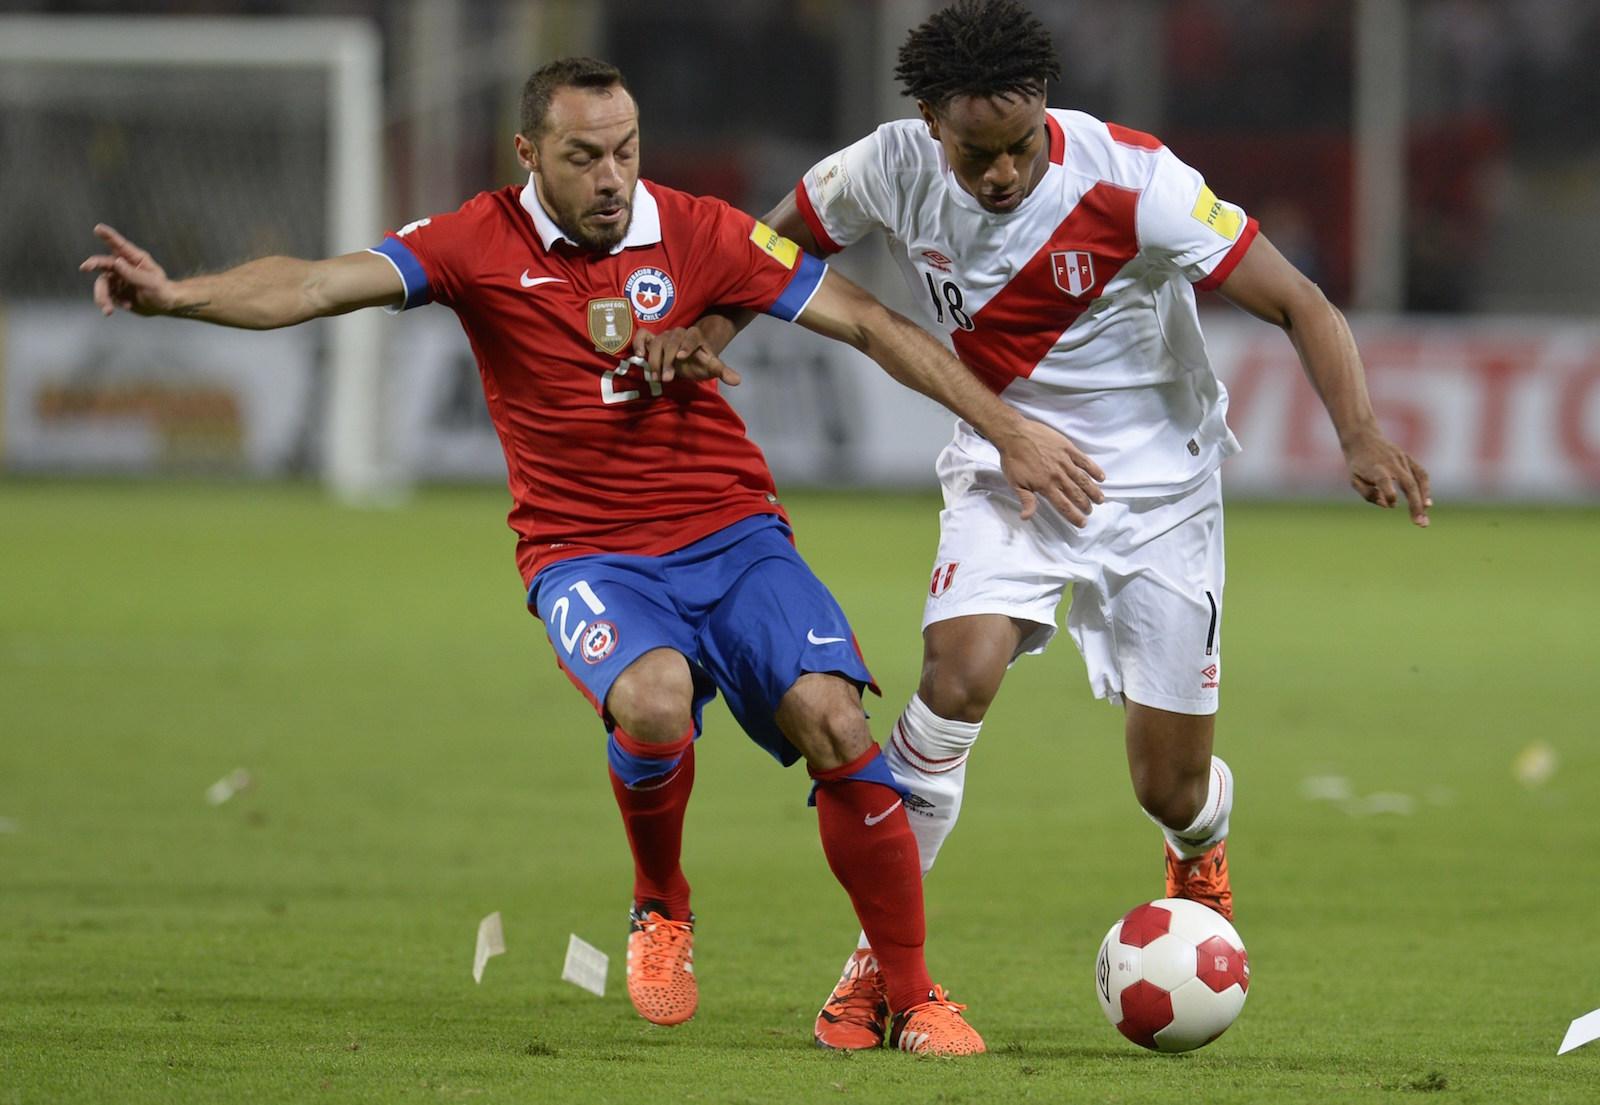 Marcelo Díaz (izquierda) y André Carrillo, de Perú, disputan el balón durante su partido de clasificación para el Mundial 2018 en el estadio Estadio Nacional de Lima, el 13 de octubre de 2015. Crédito: ERNESTO BENAVIDES / AFP / Getty Images.